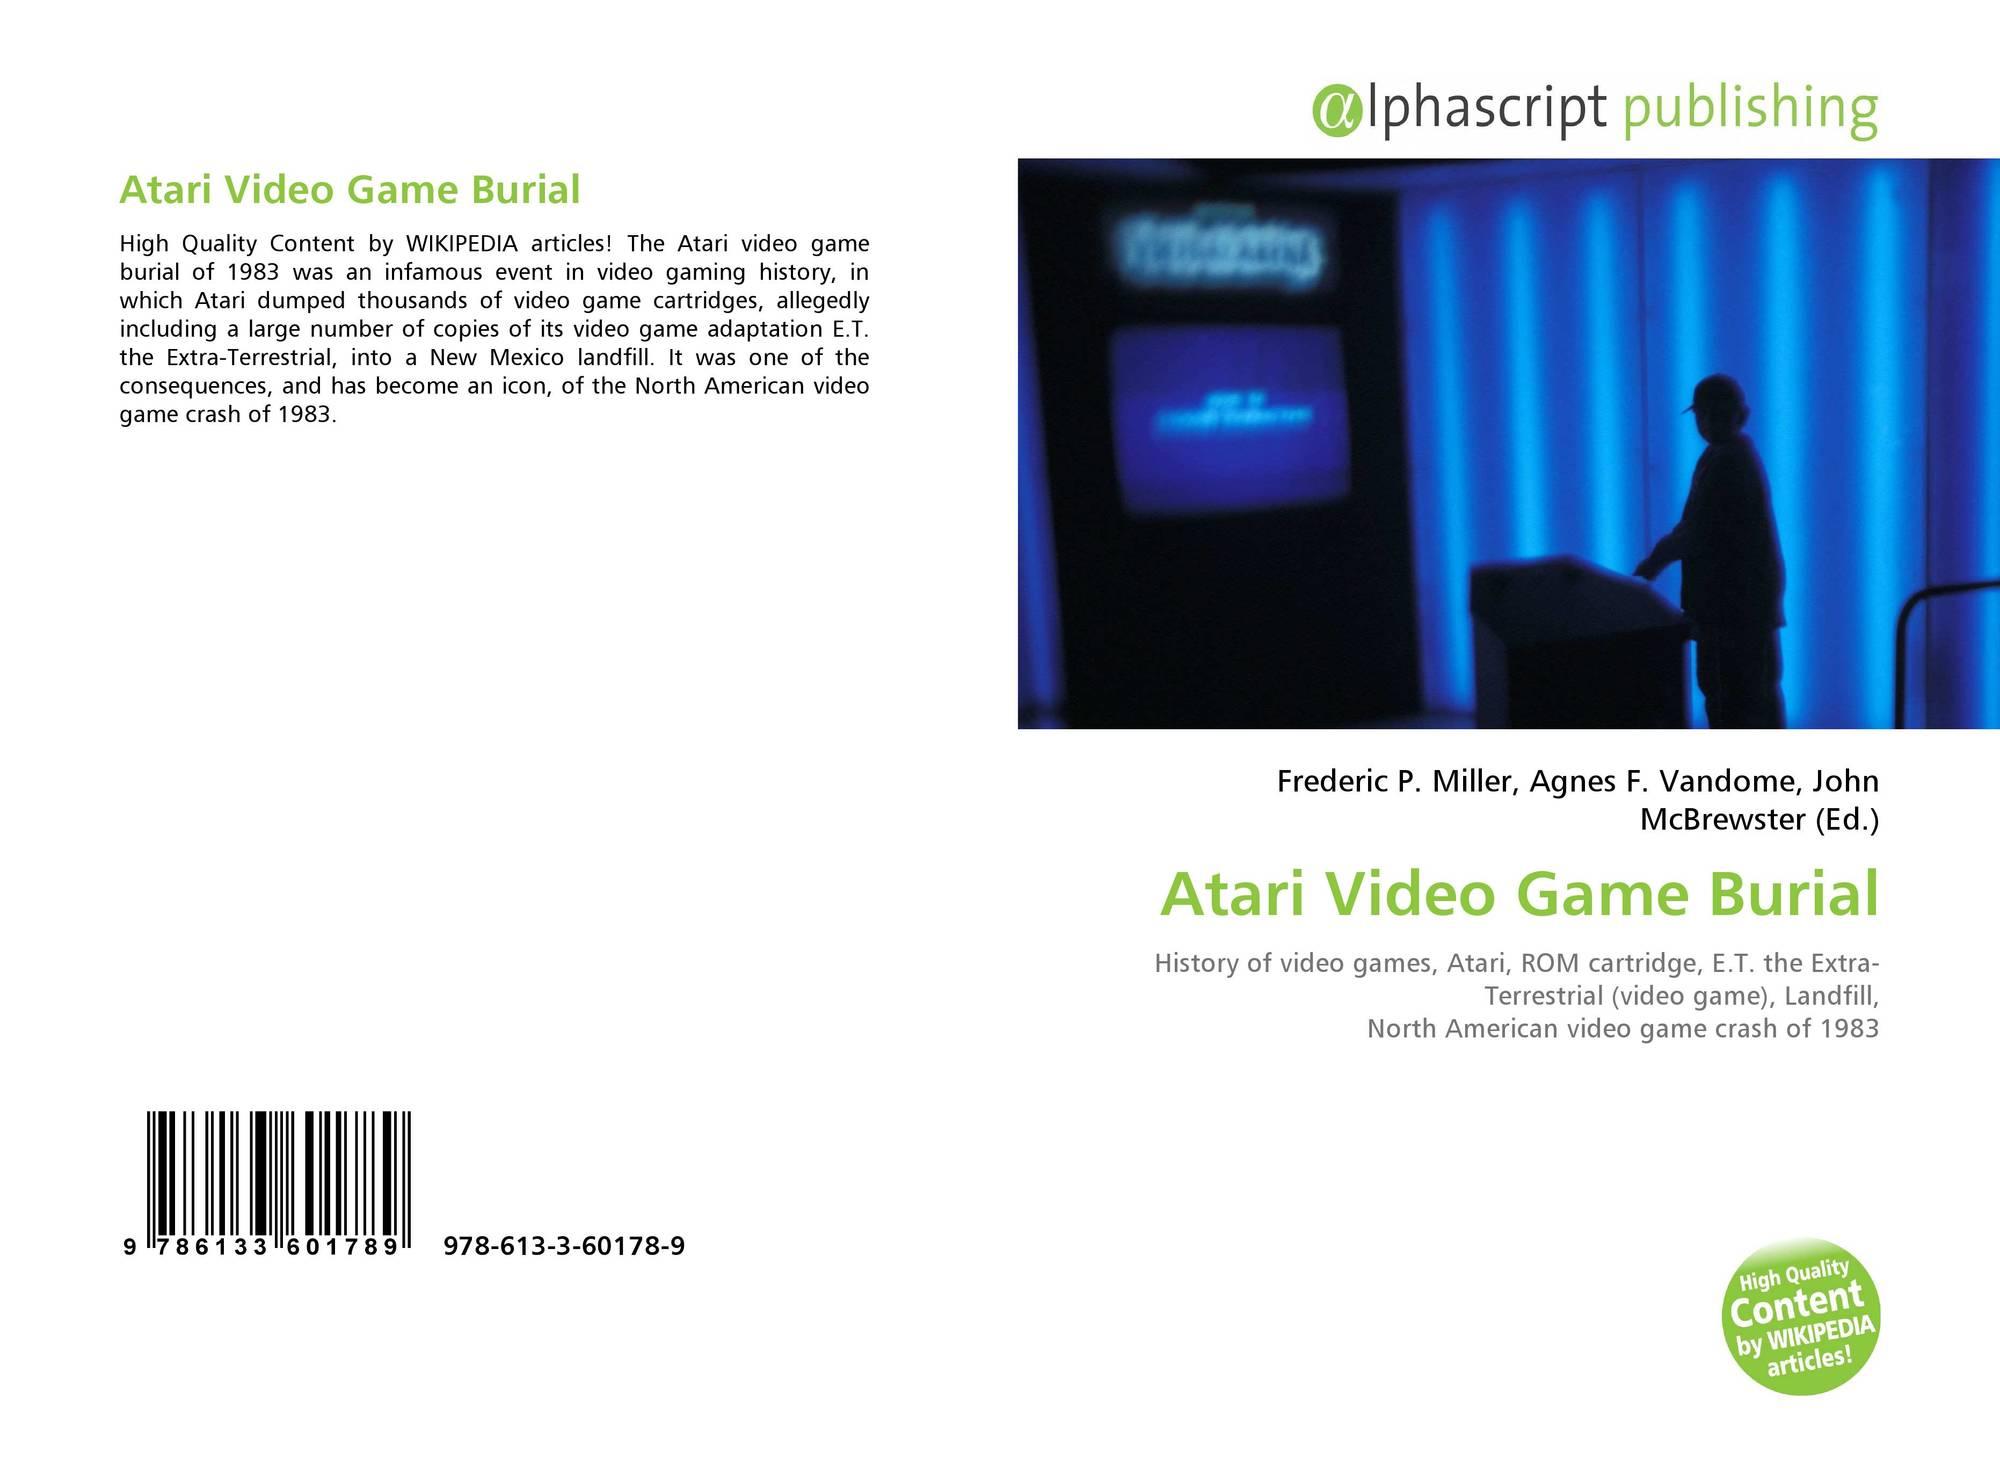 Atari Video Game Burial, 978-613-3-60178-9, 6133601787